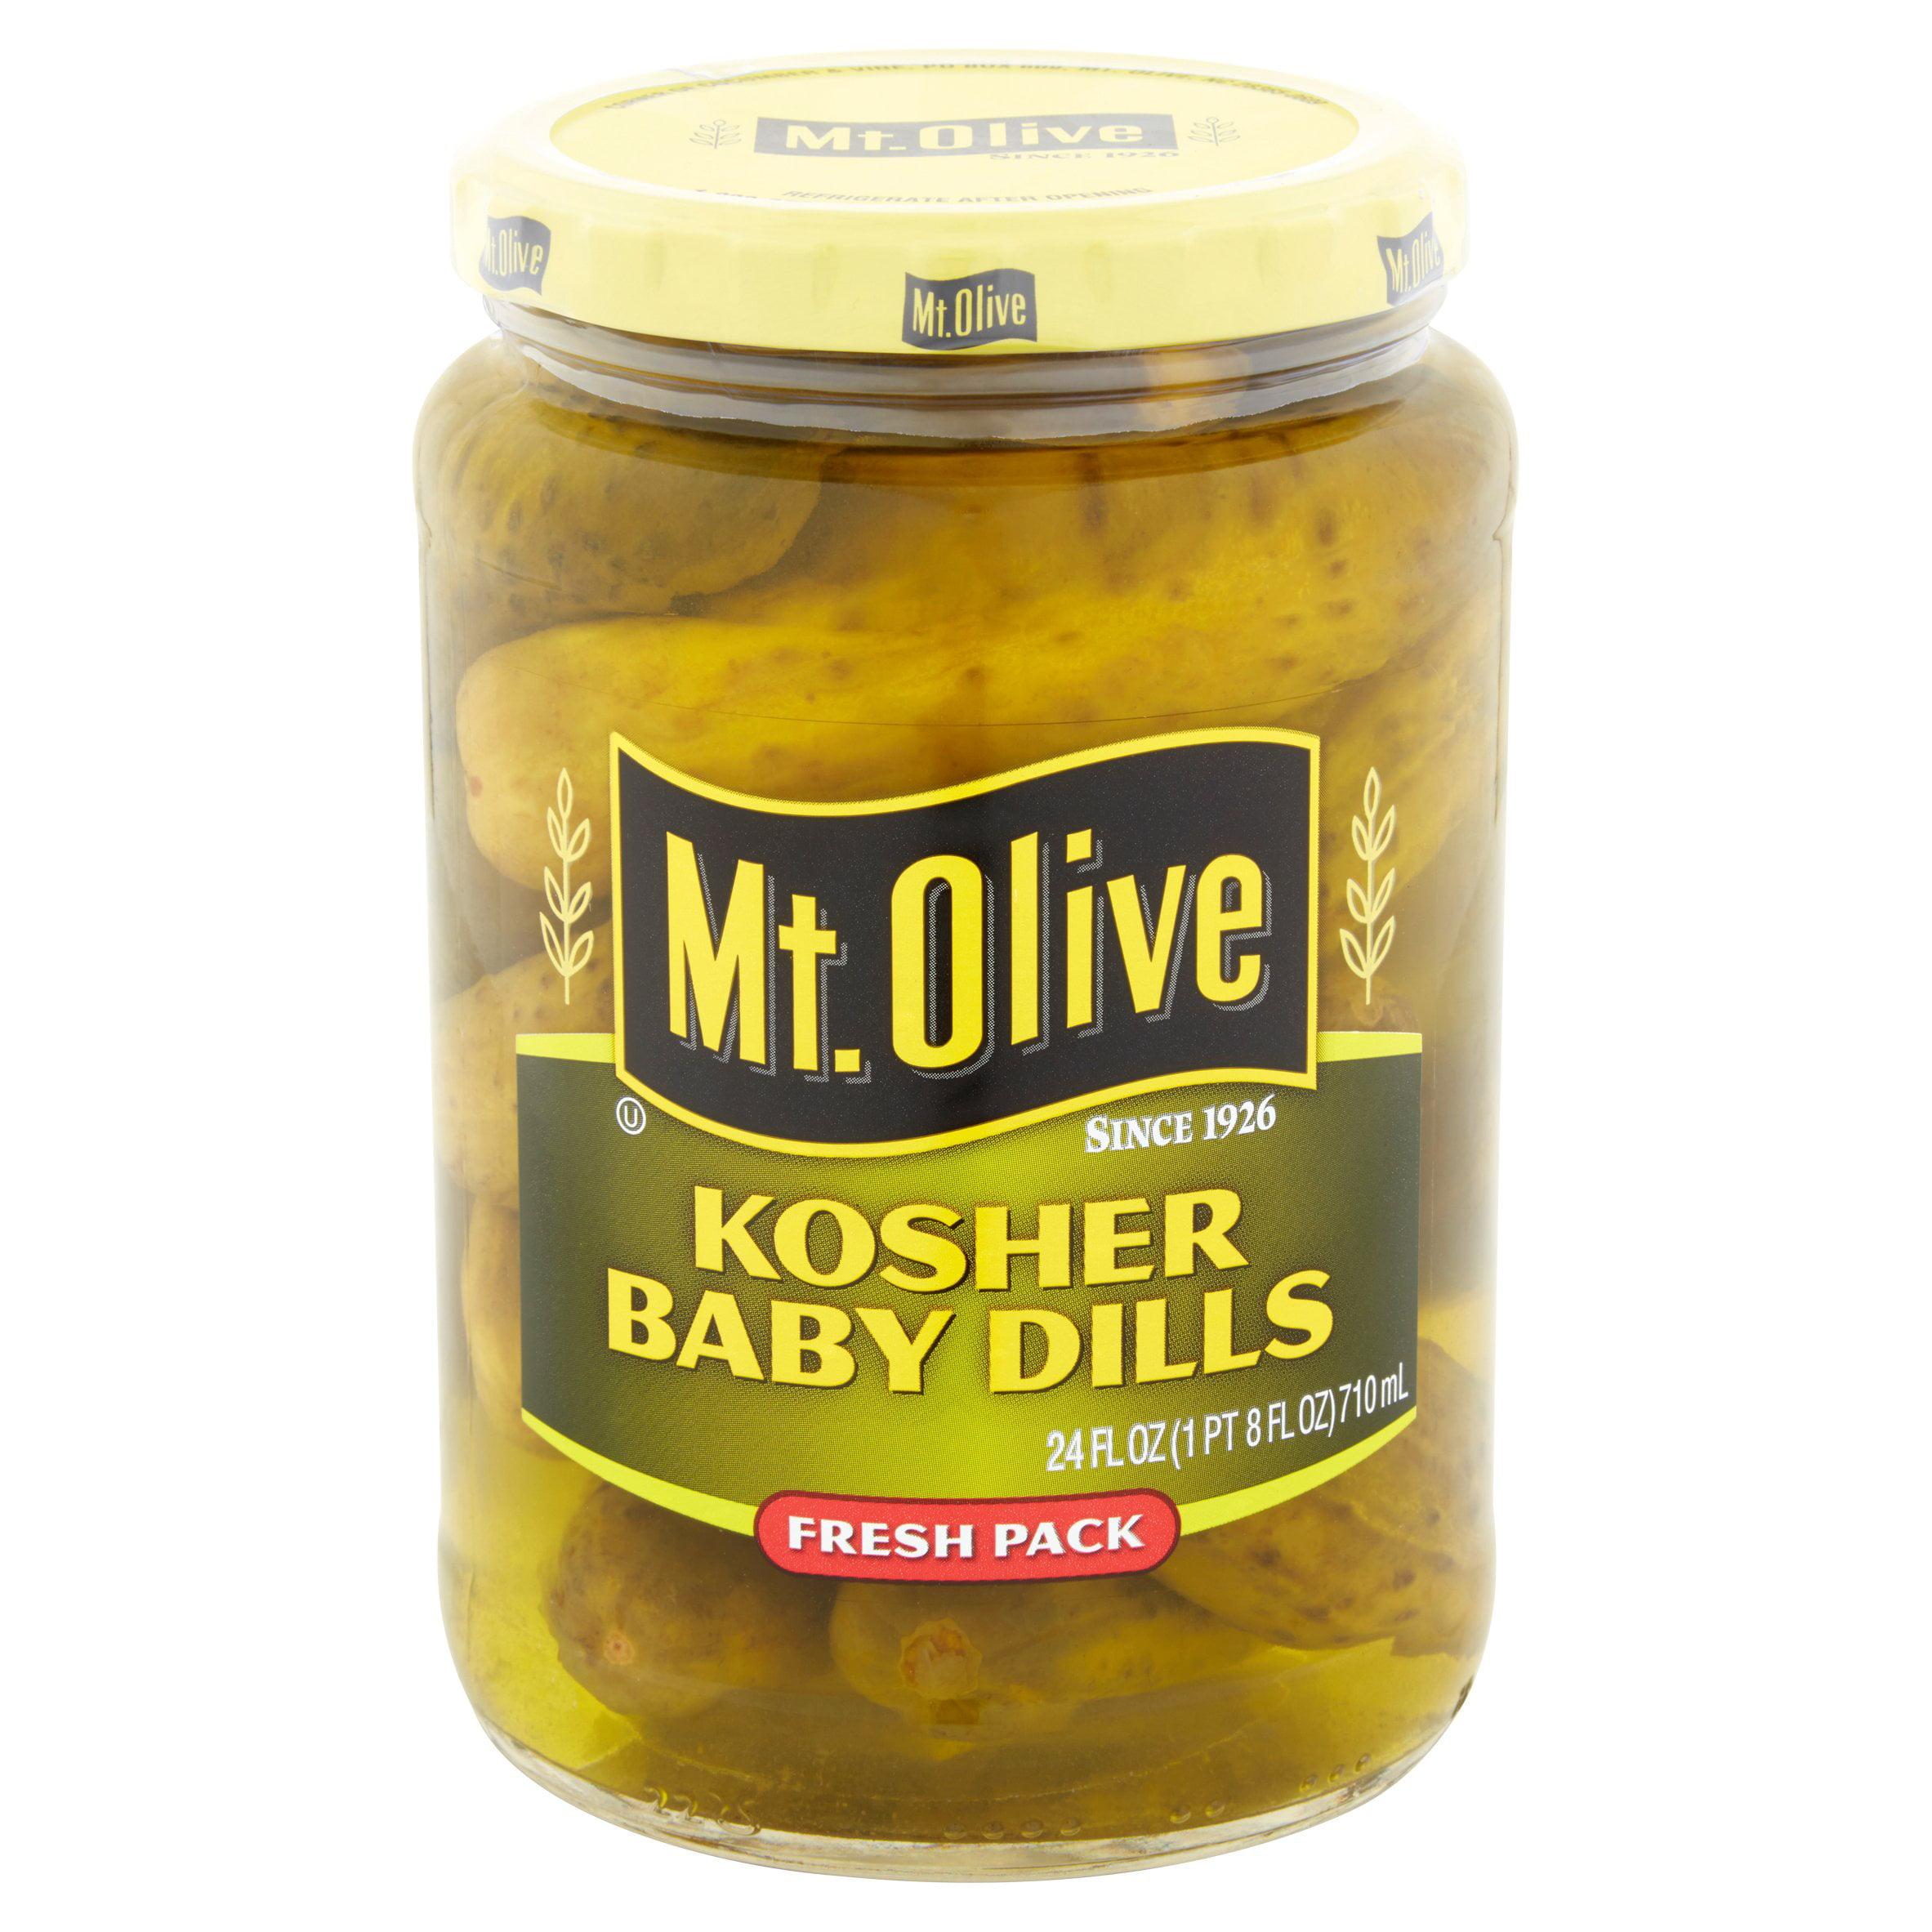 Mt. Olive Kosher Baby Dills Fresh Pack Pickles 24 fl. oz. Jar by Mt. Olive Pickle Company, Inc. / Corner of Cucumber & Vine